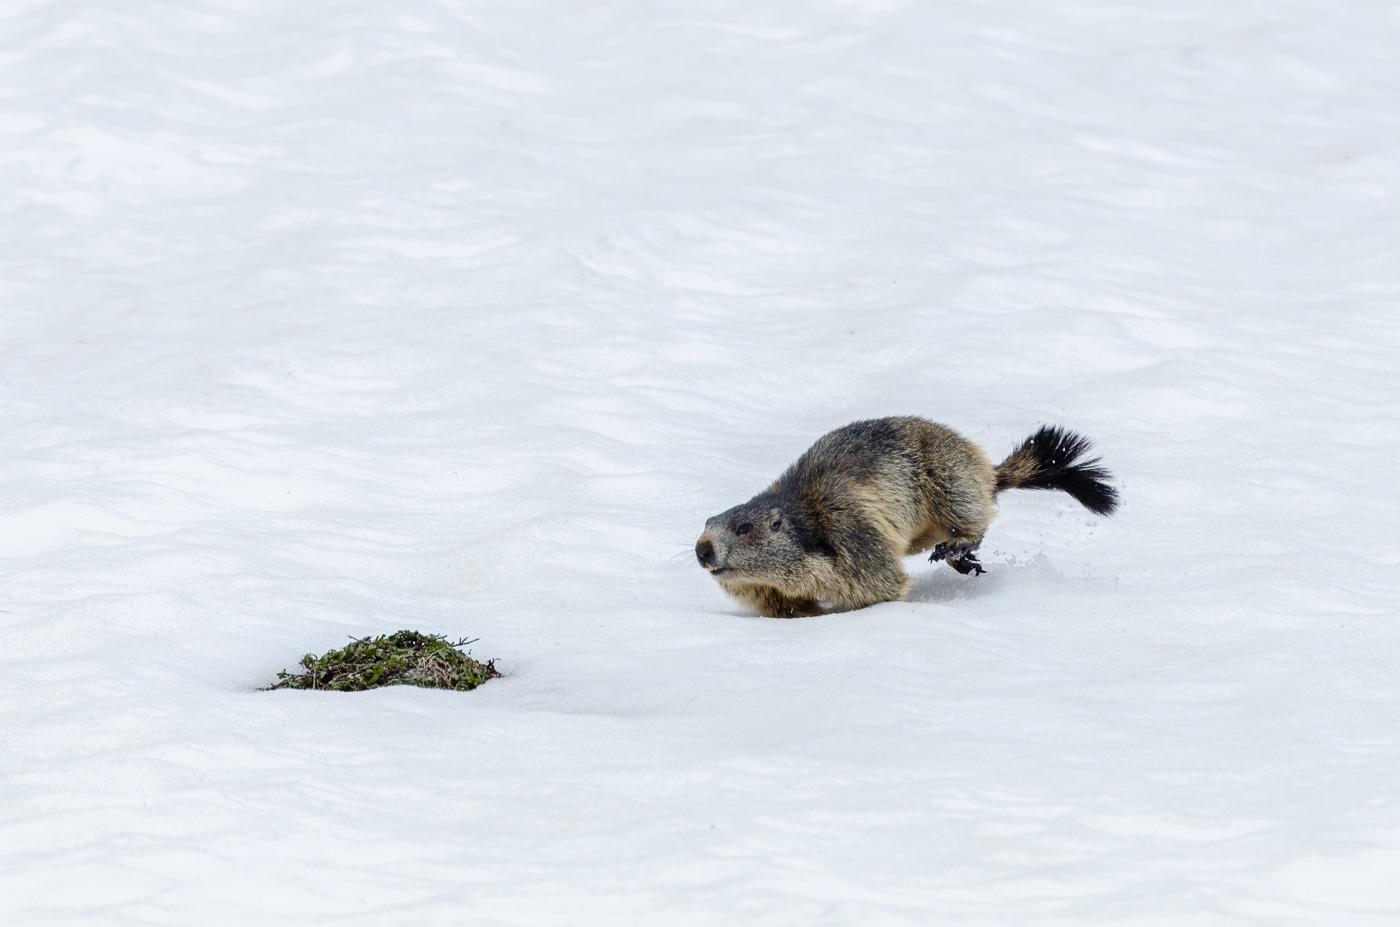 Murmeltiere auf der Flucht vor einem Fuchs